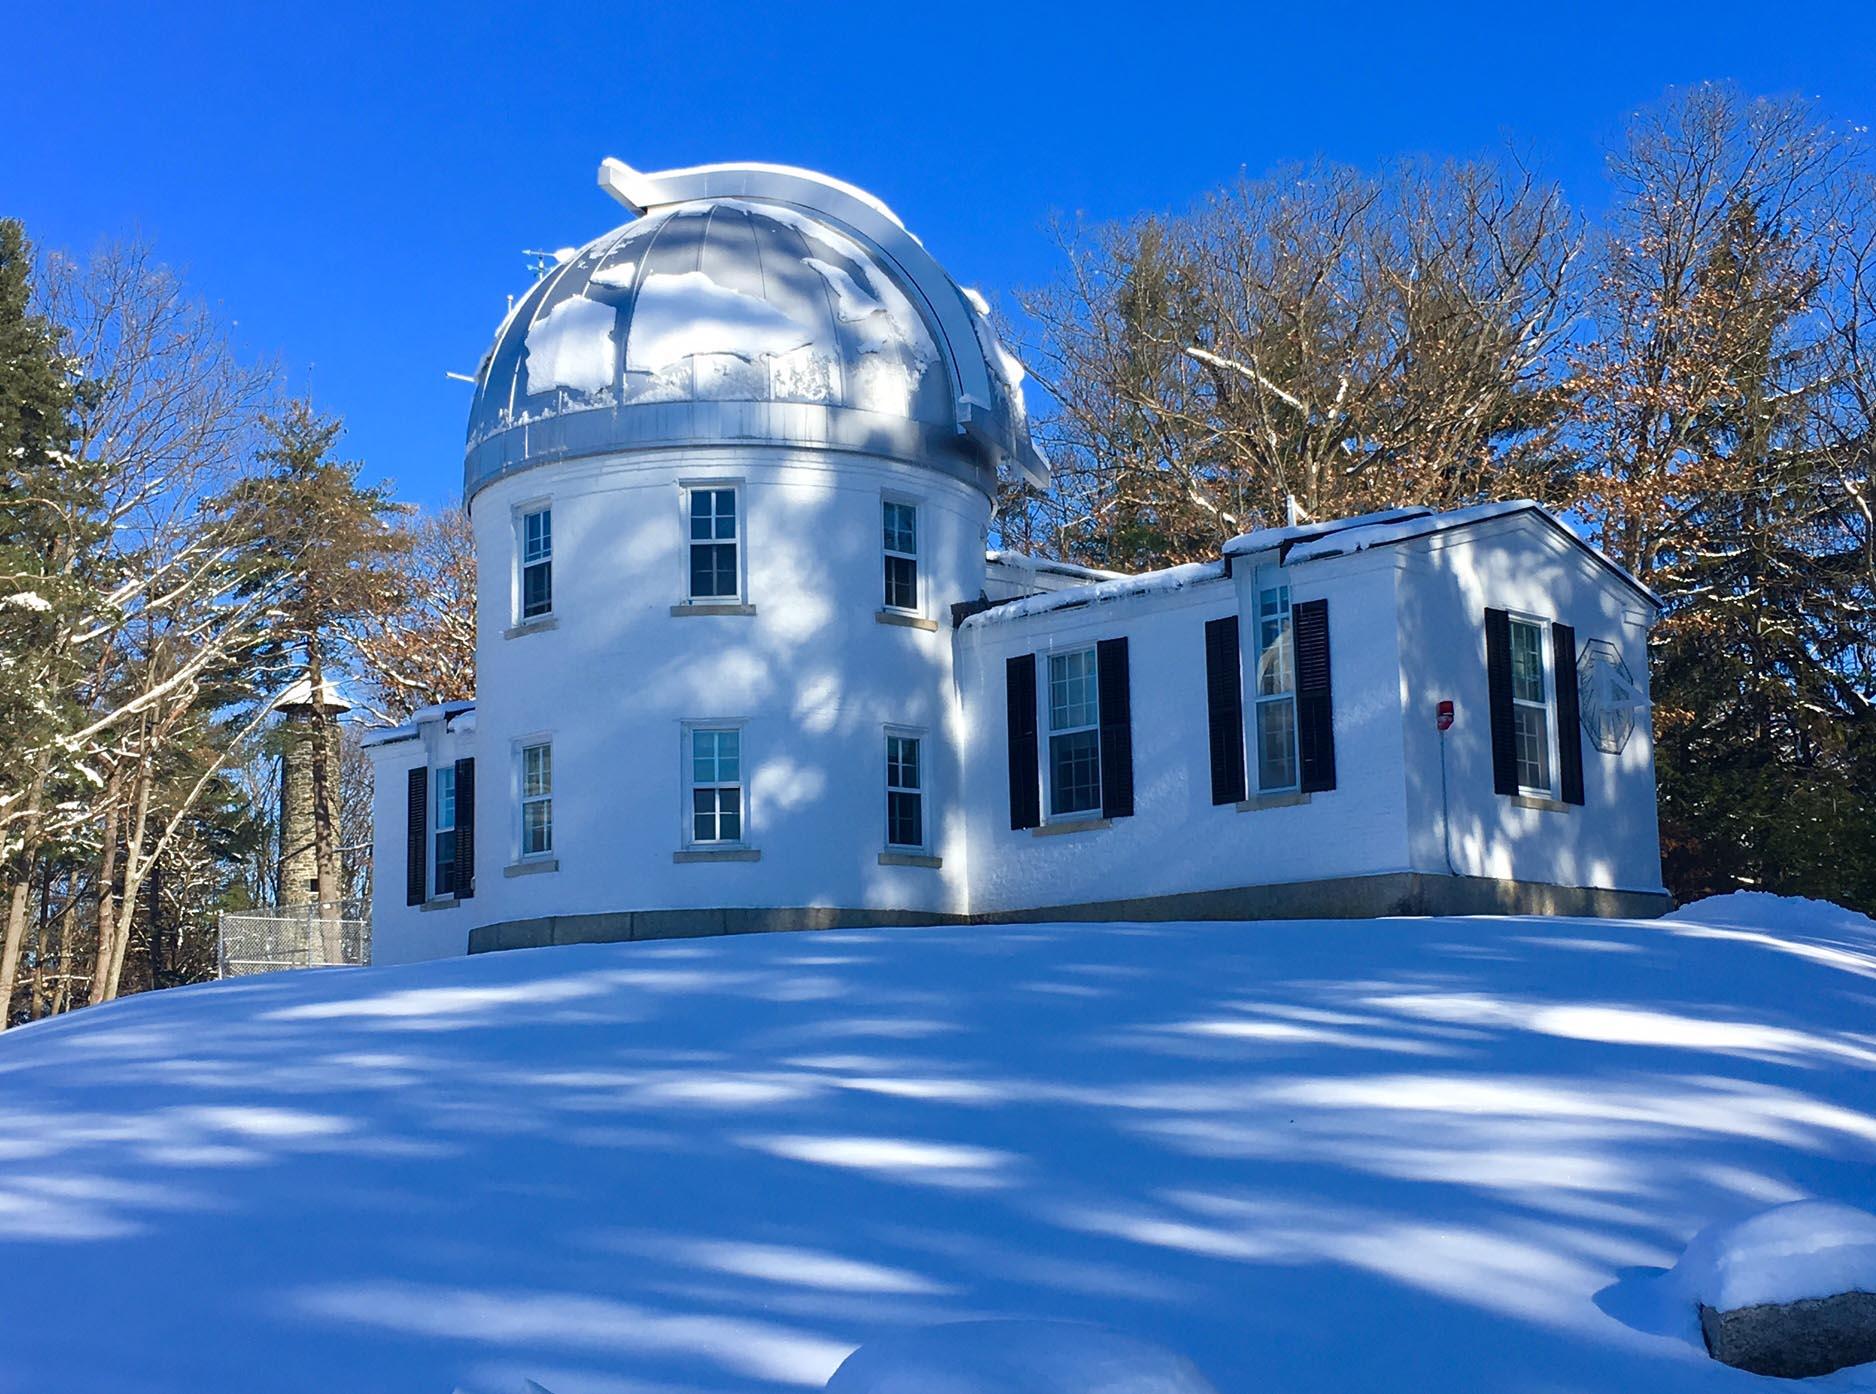 Shattuck Observatory, Thursday December 14, 2017